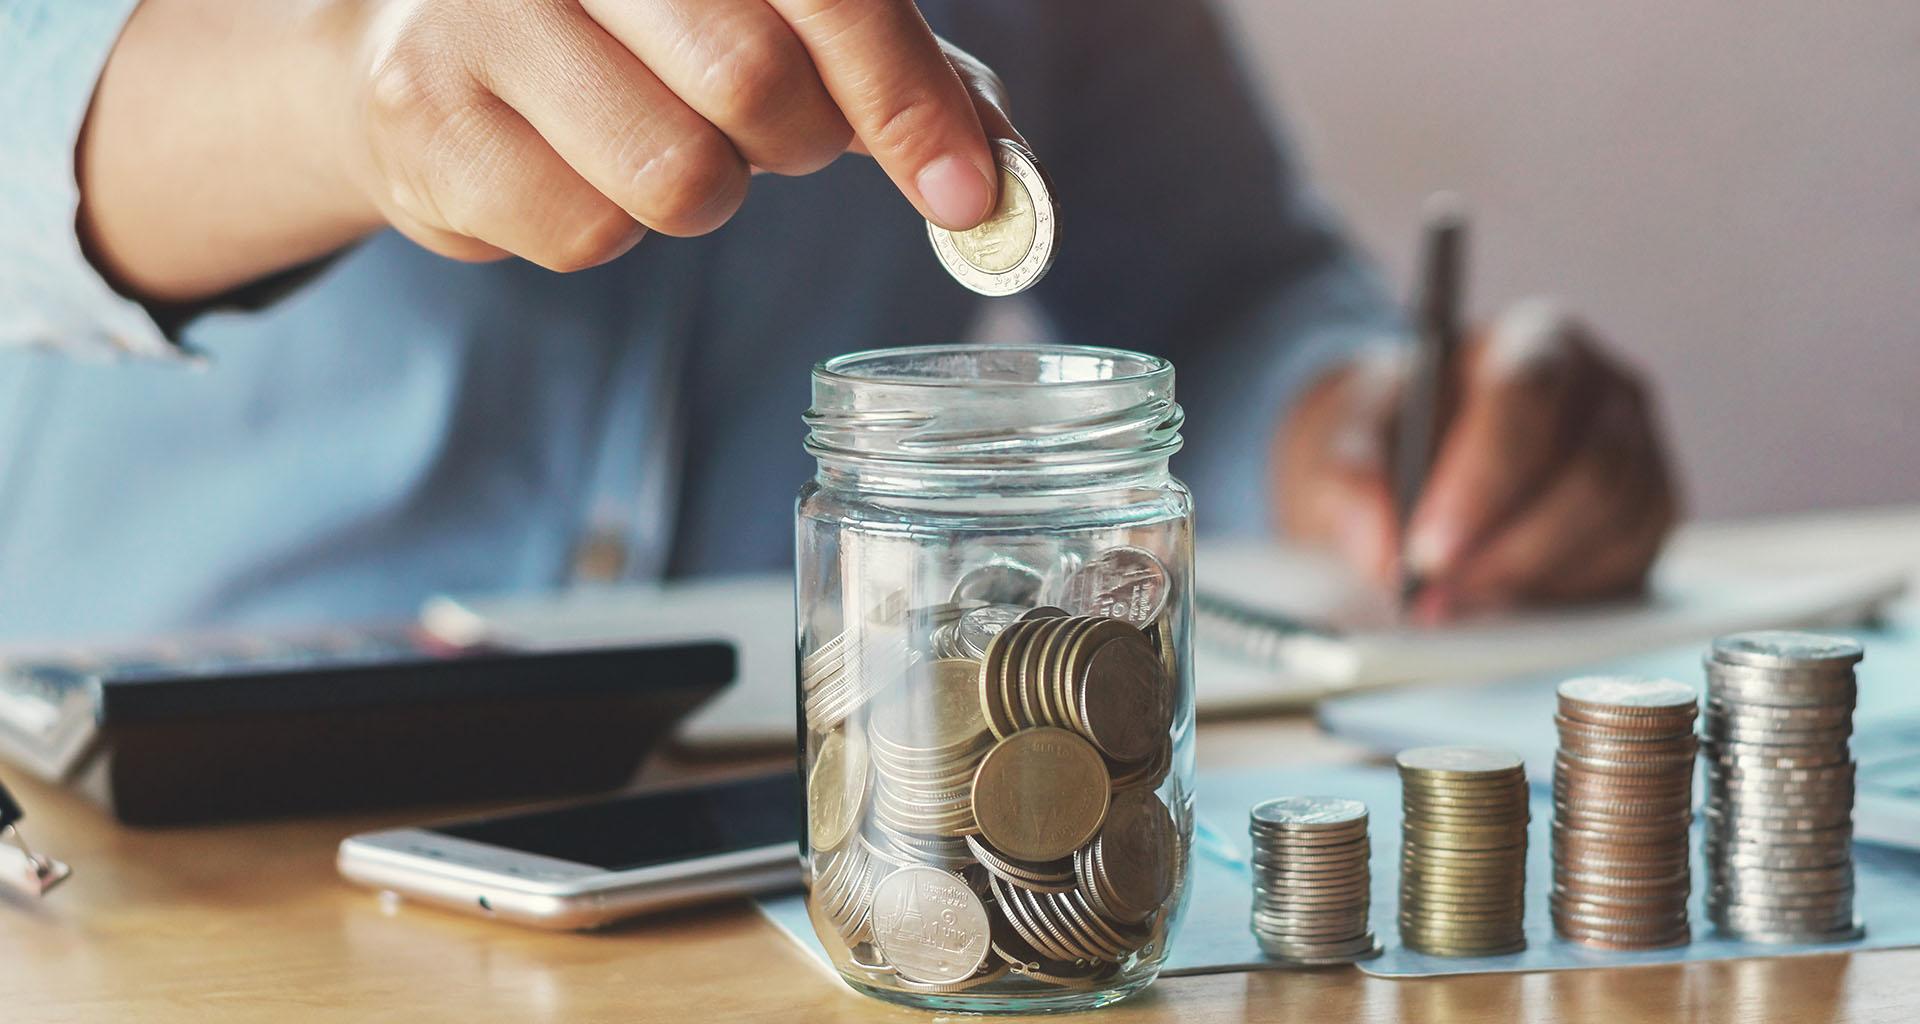 building emergency savings fund